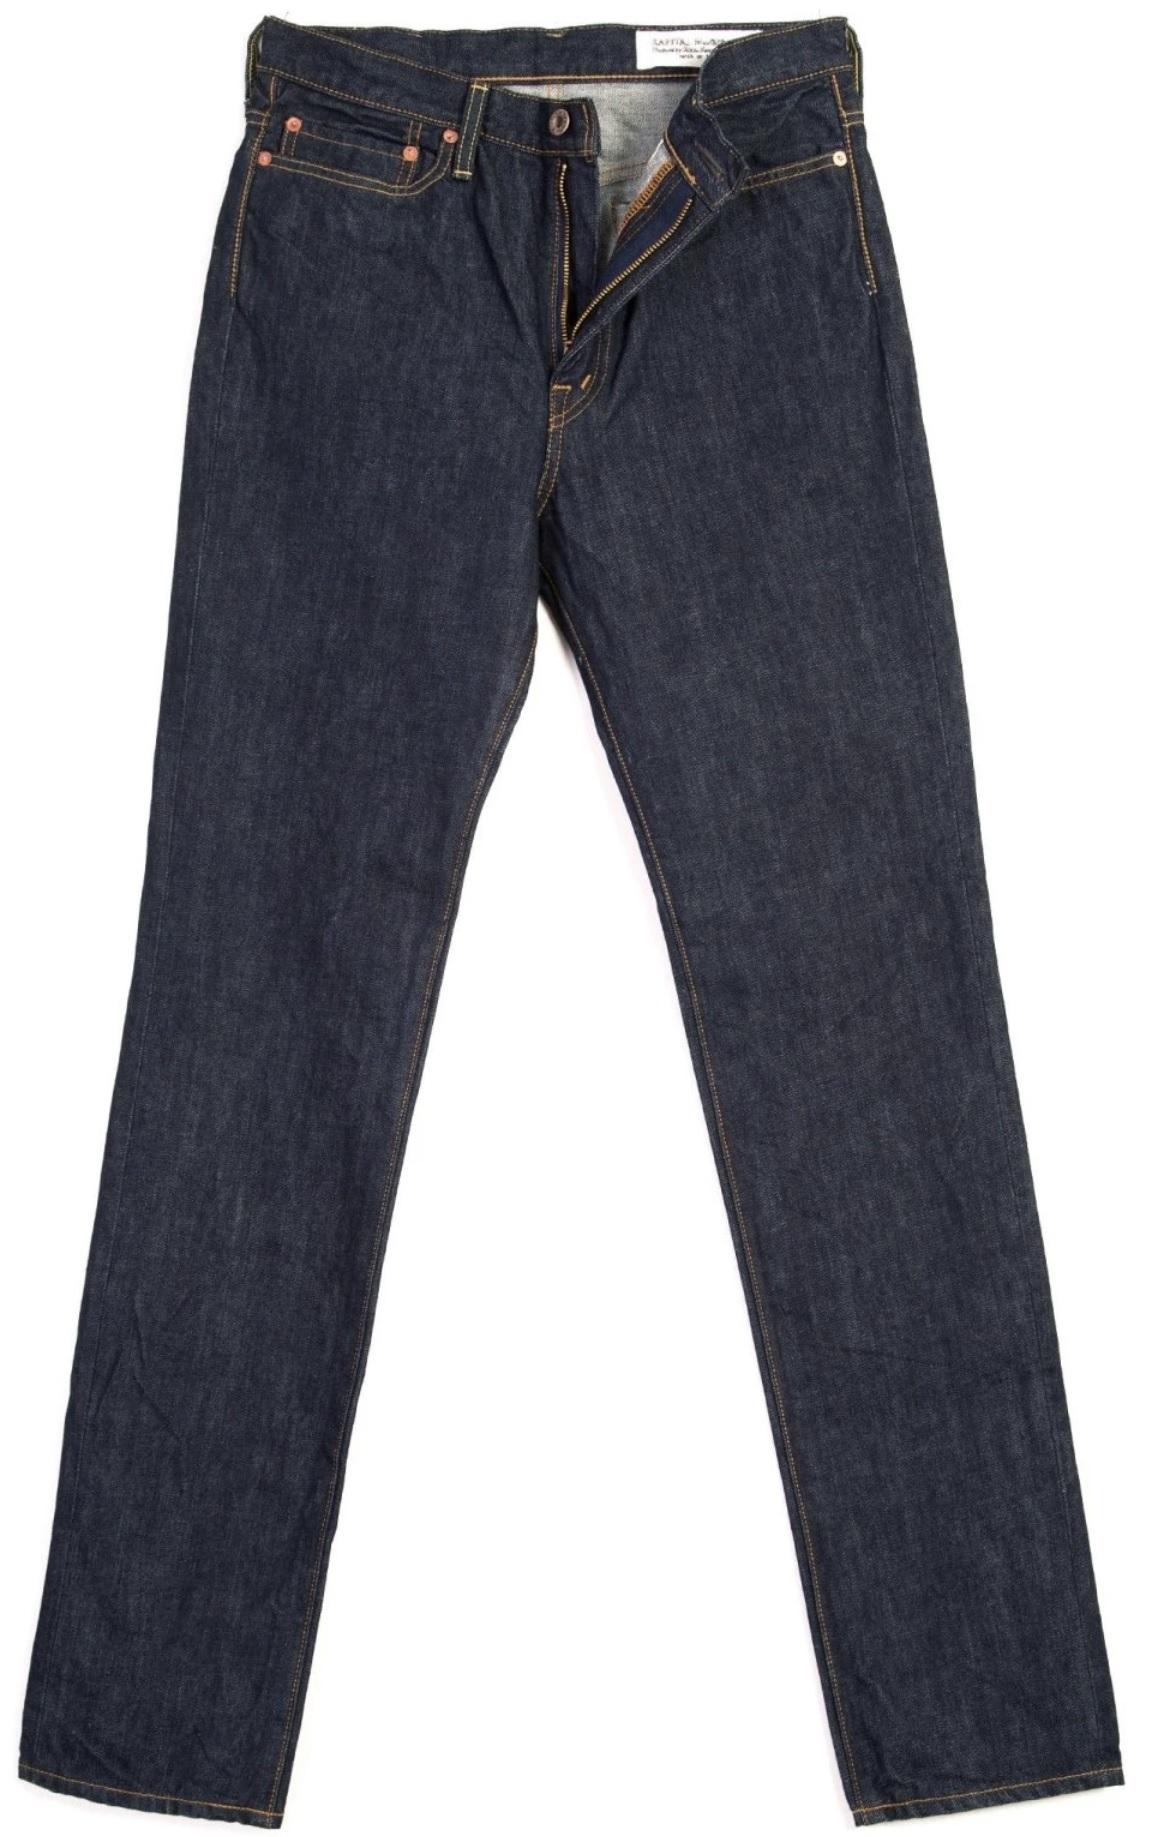 jeans mænd fra Kapital